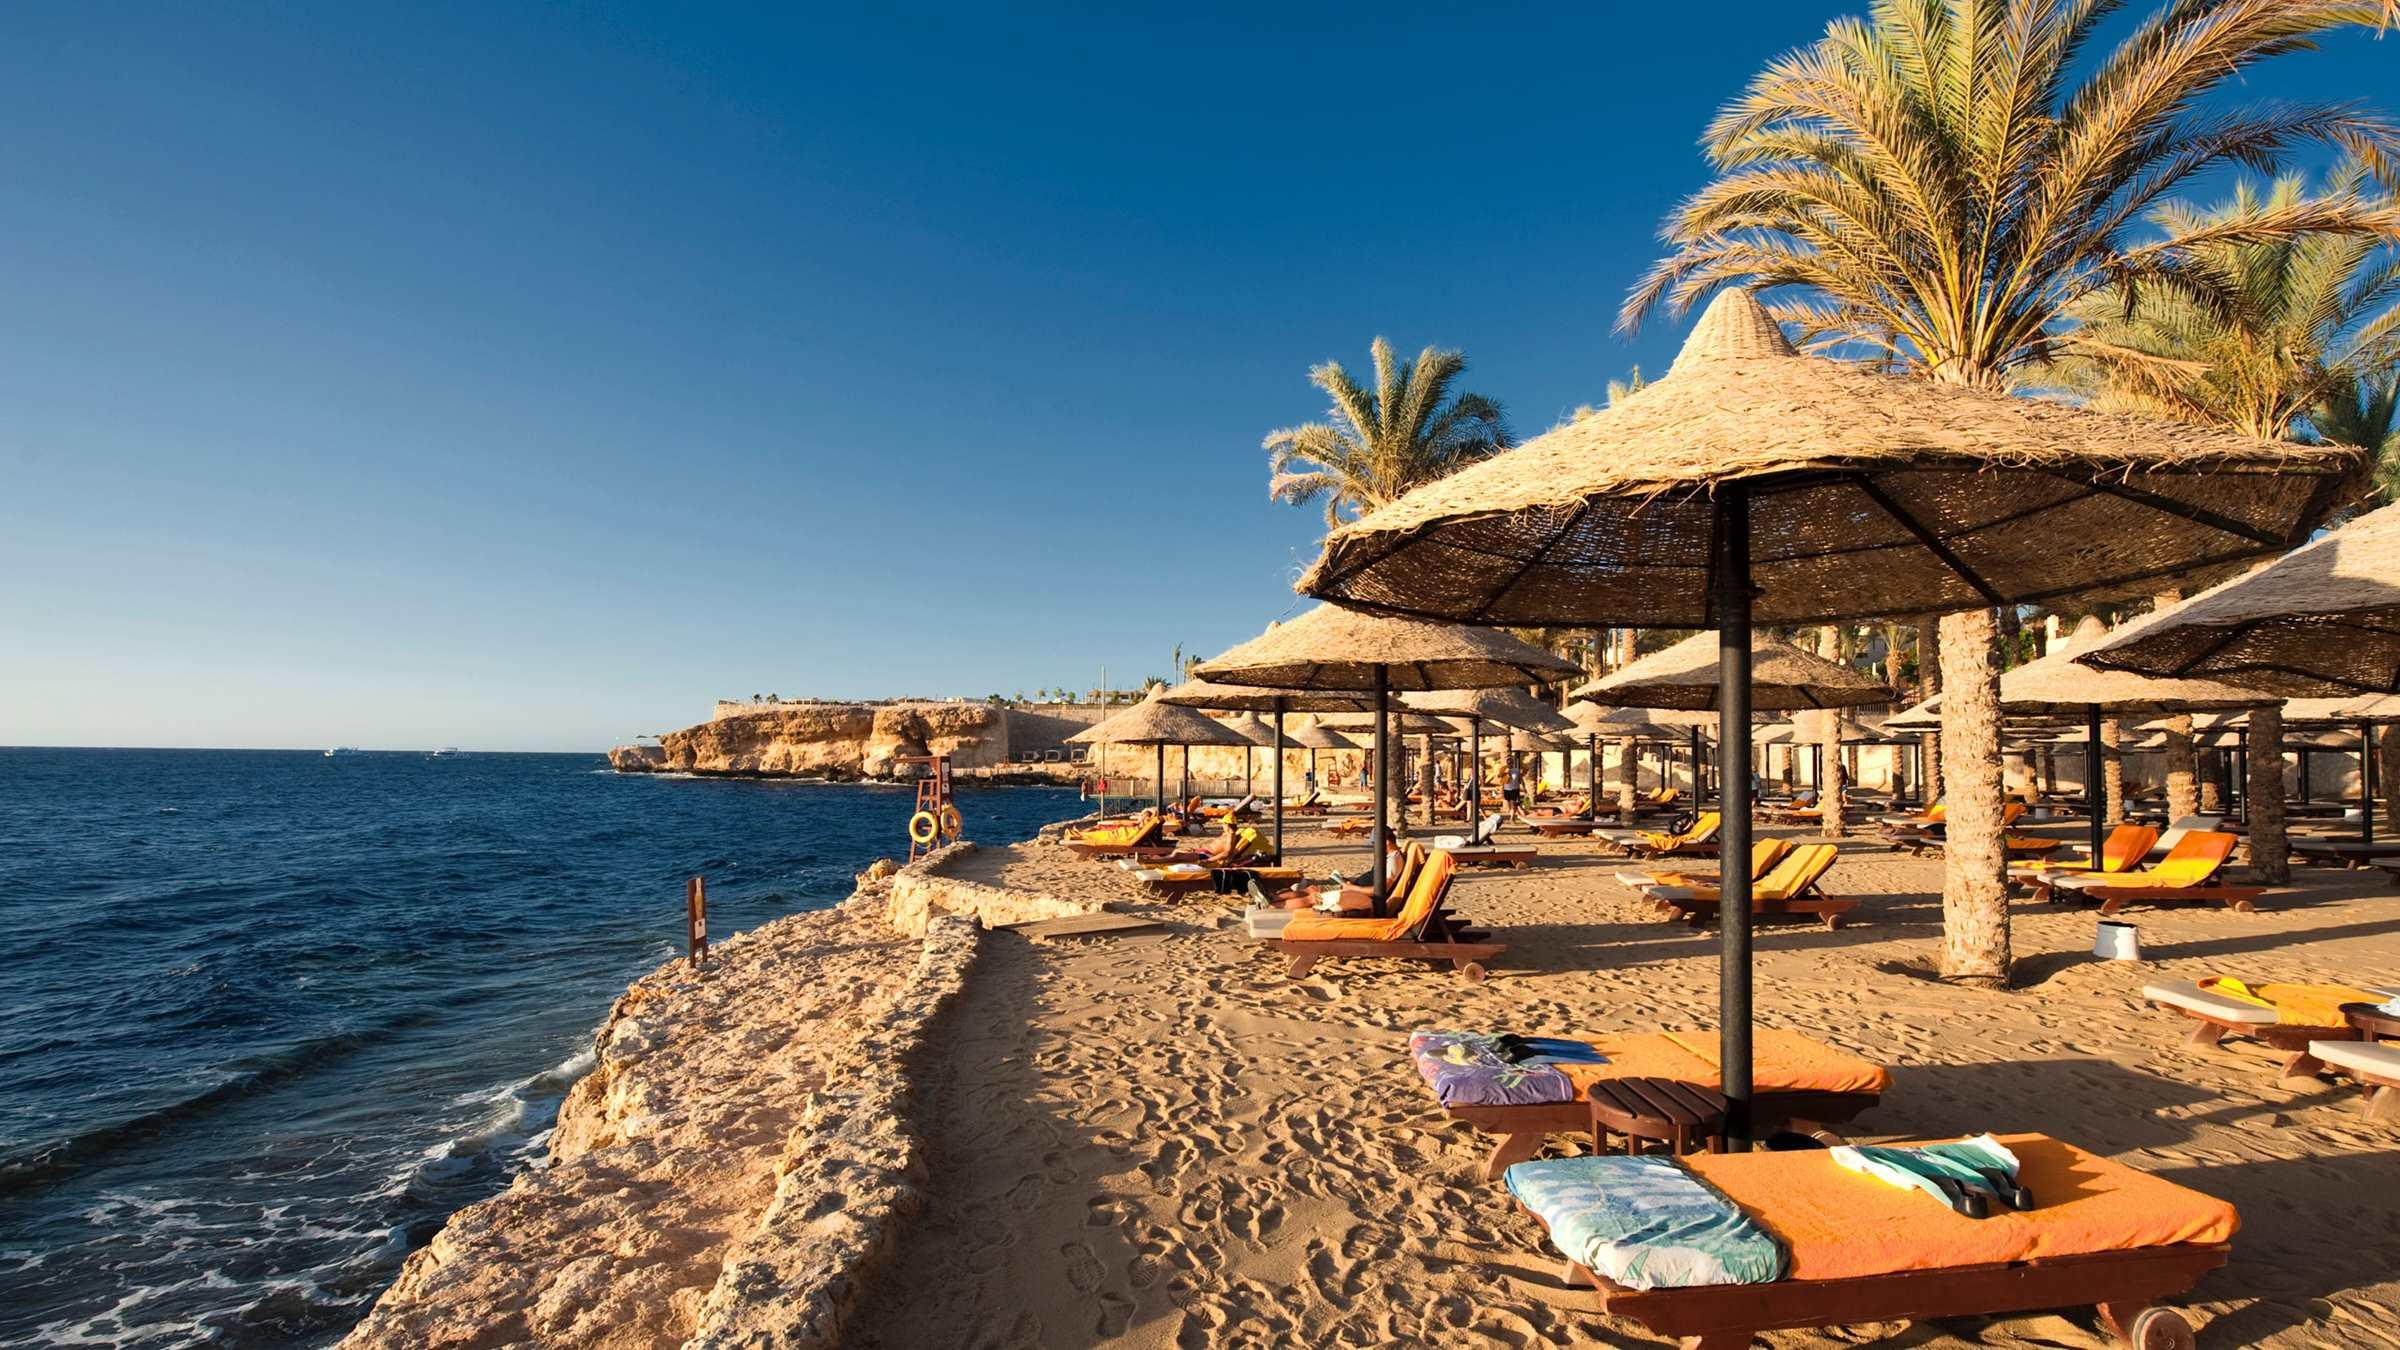 В Египте установят предельные минимальные цены на отели, чтобы уйти от демпинга